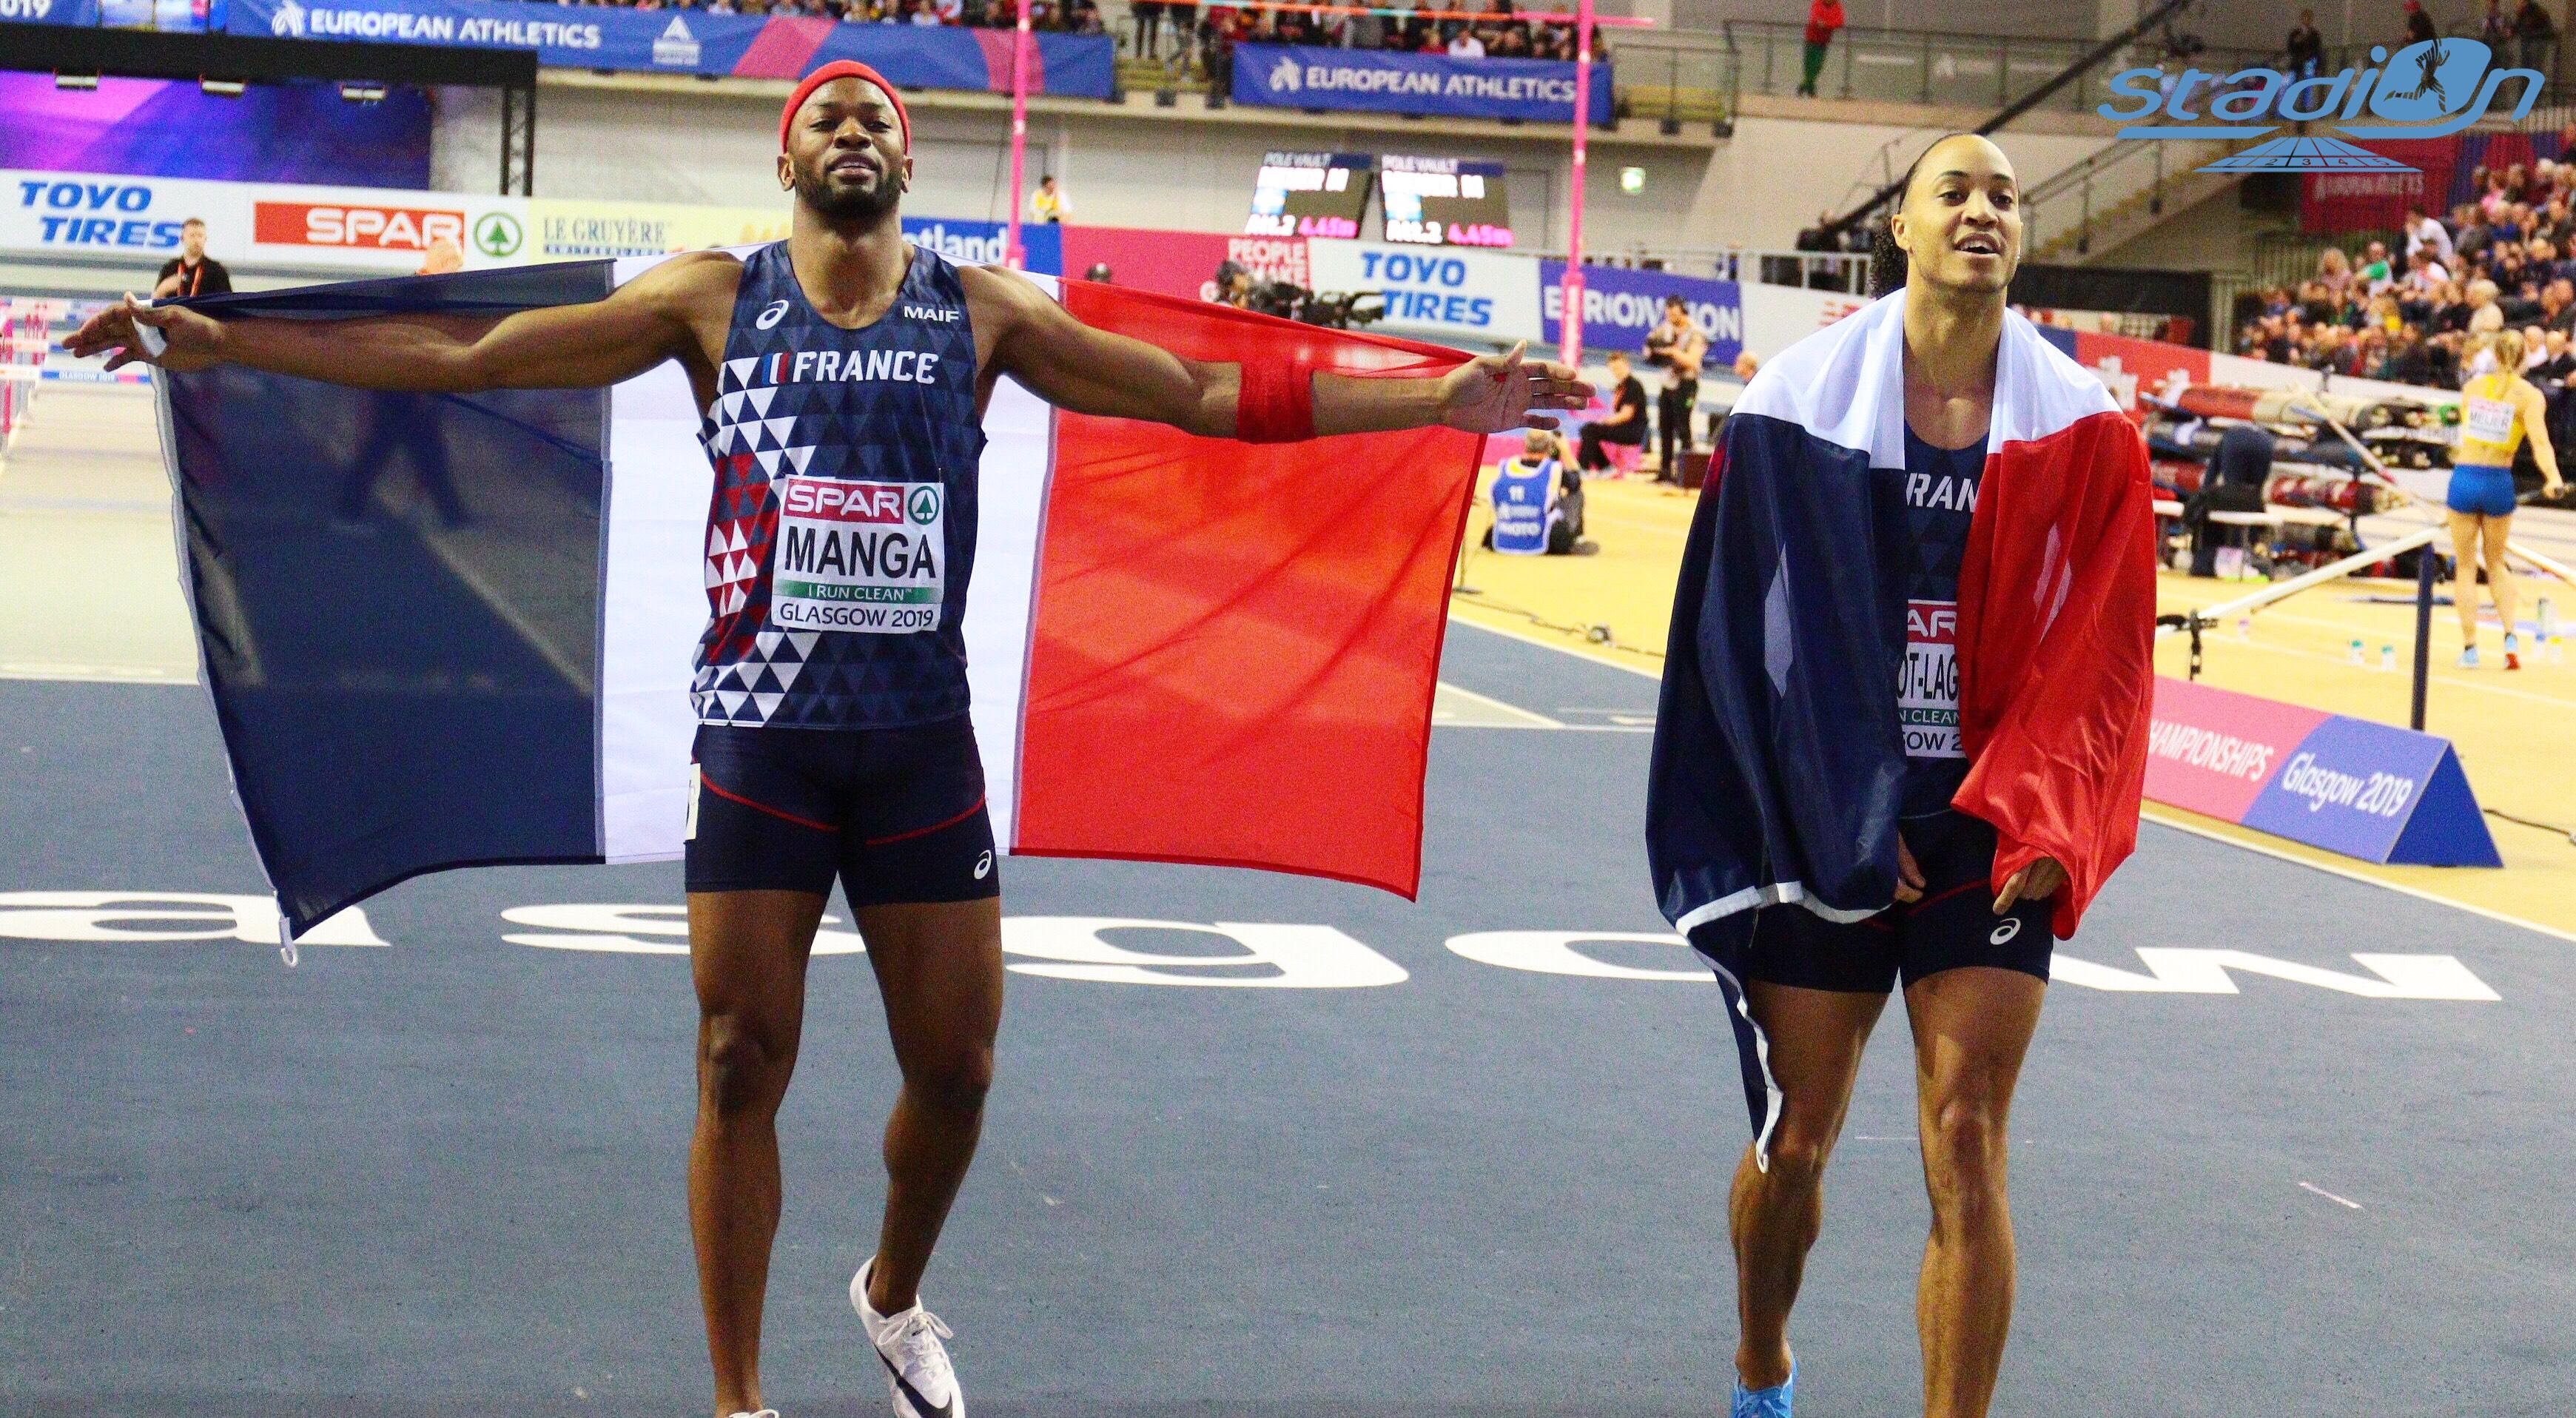 La Fédération Française d'Athlétisme, bonne élève sur la digitalisation